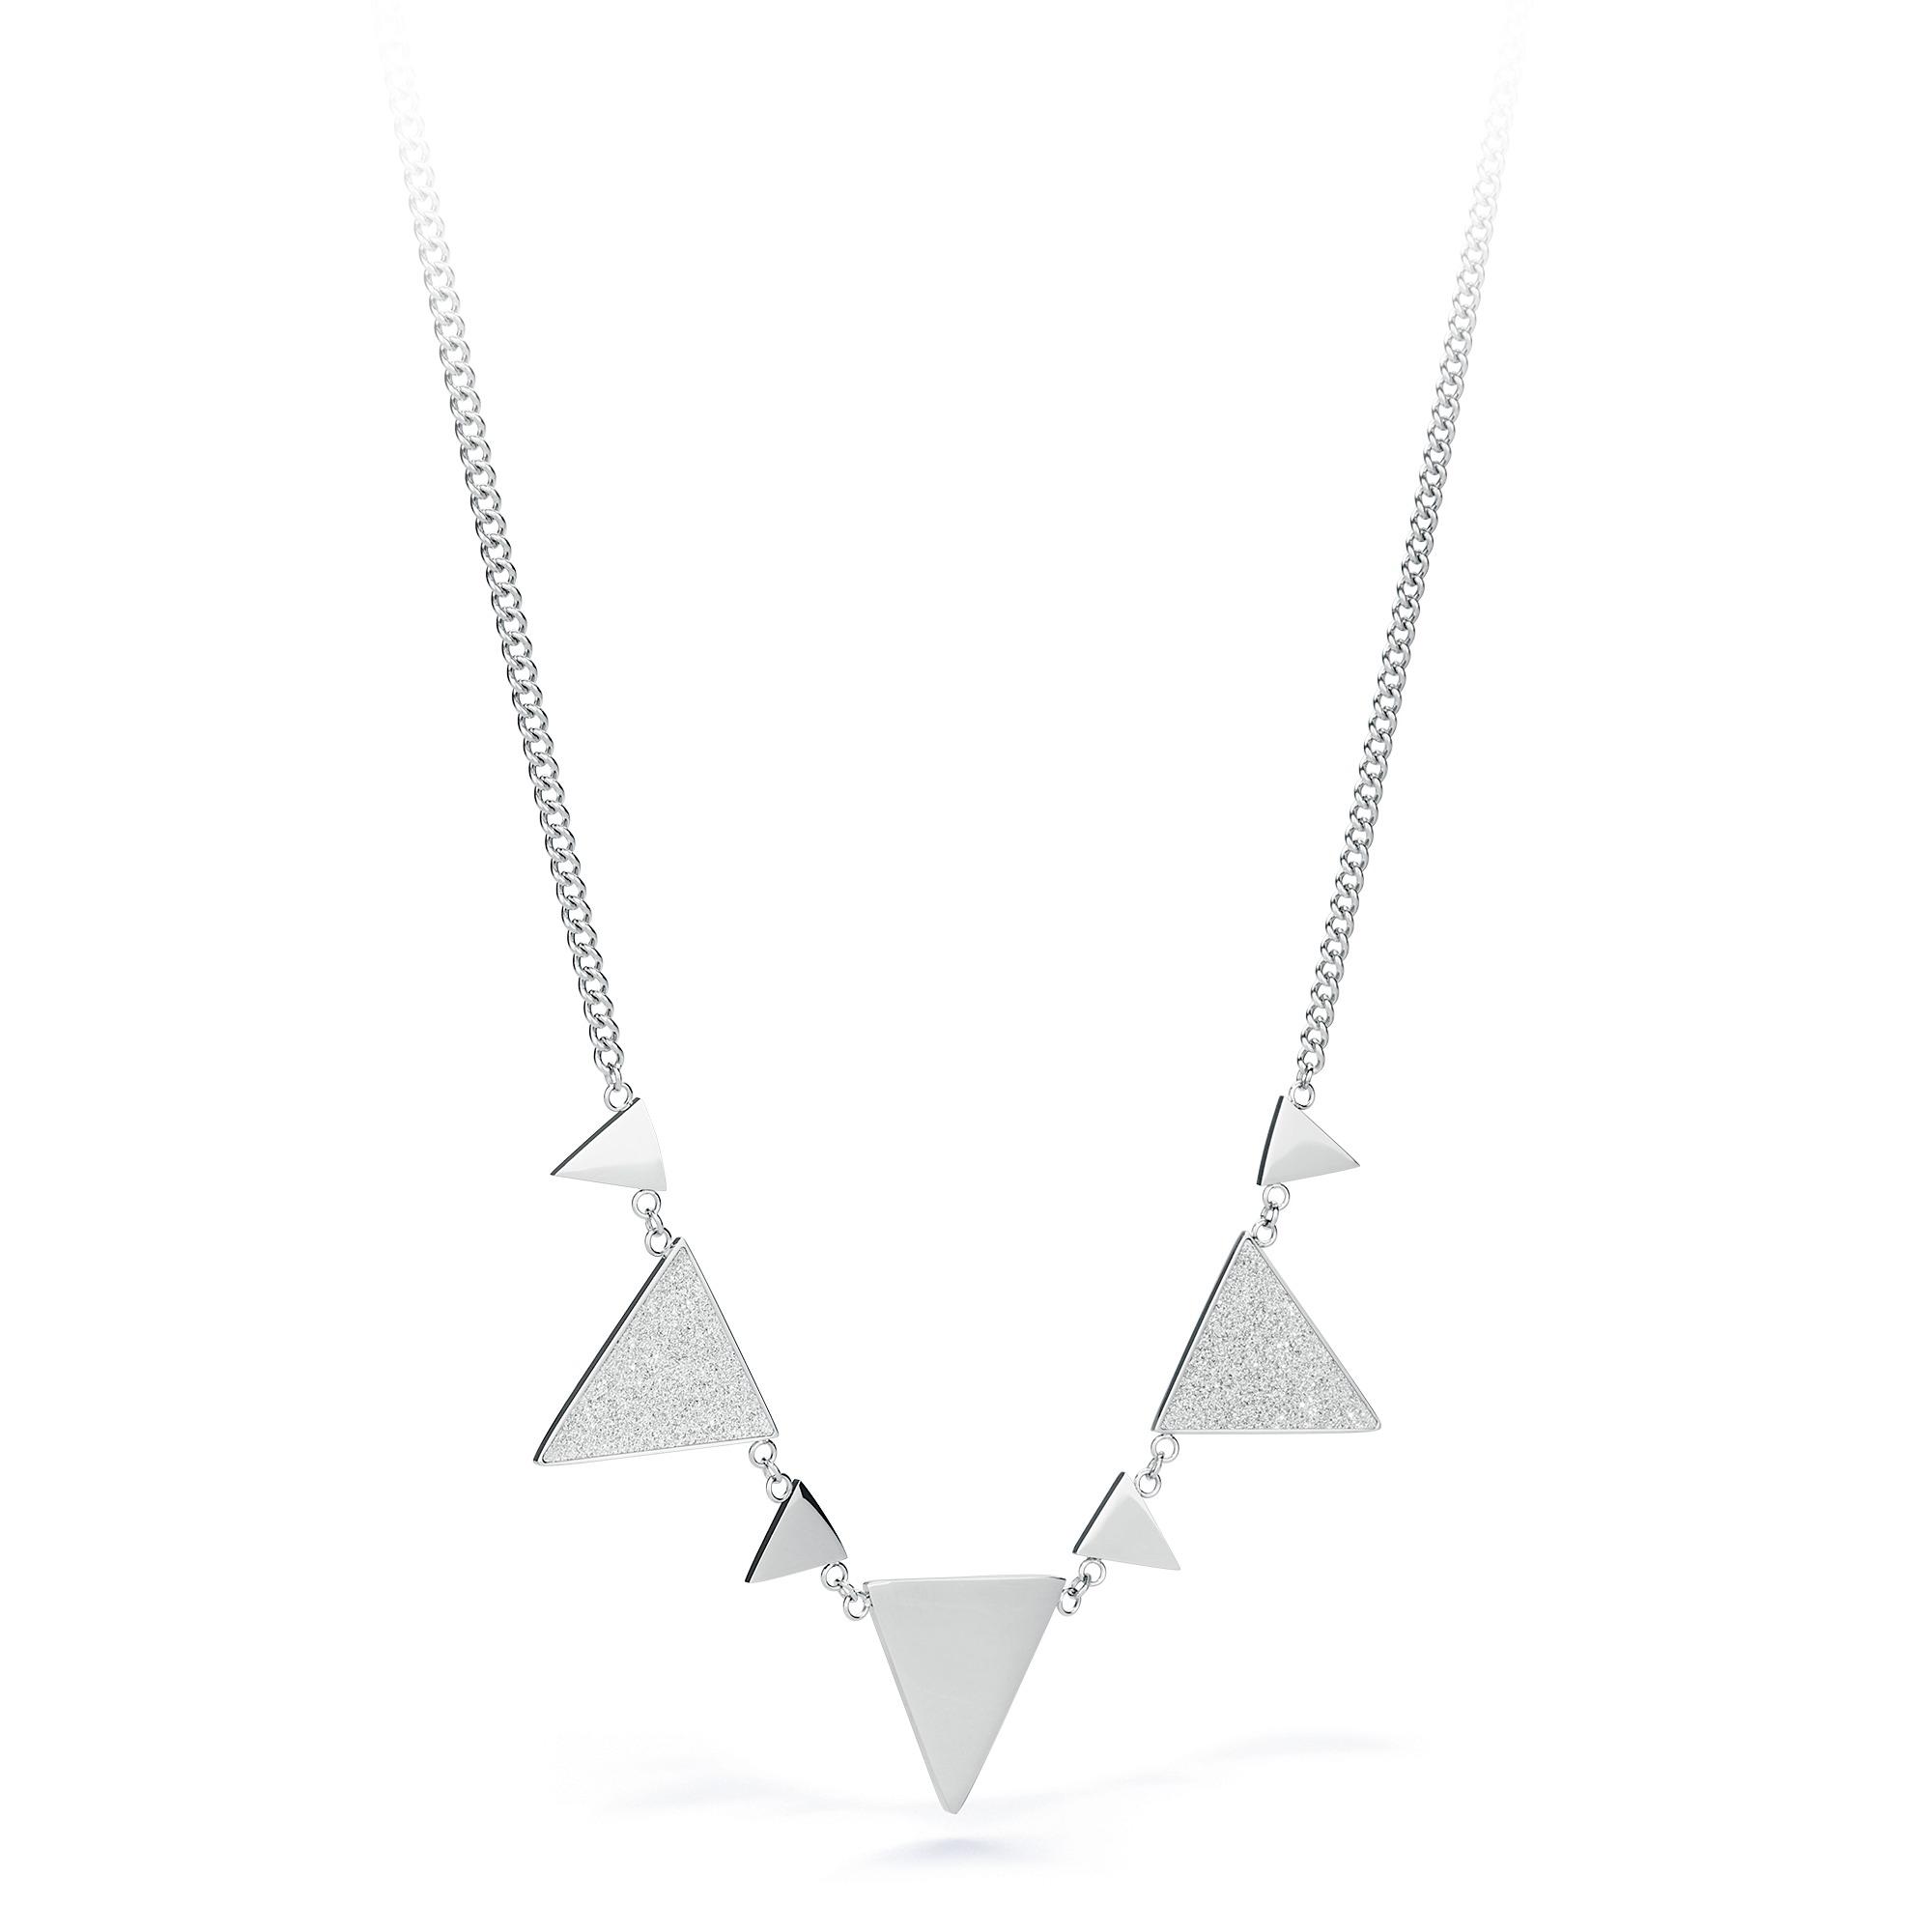 collana-sagapò-collezione-punky-spk01-clessidra-jewels